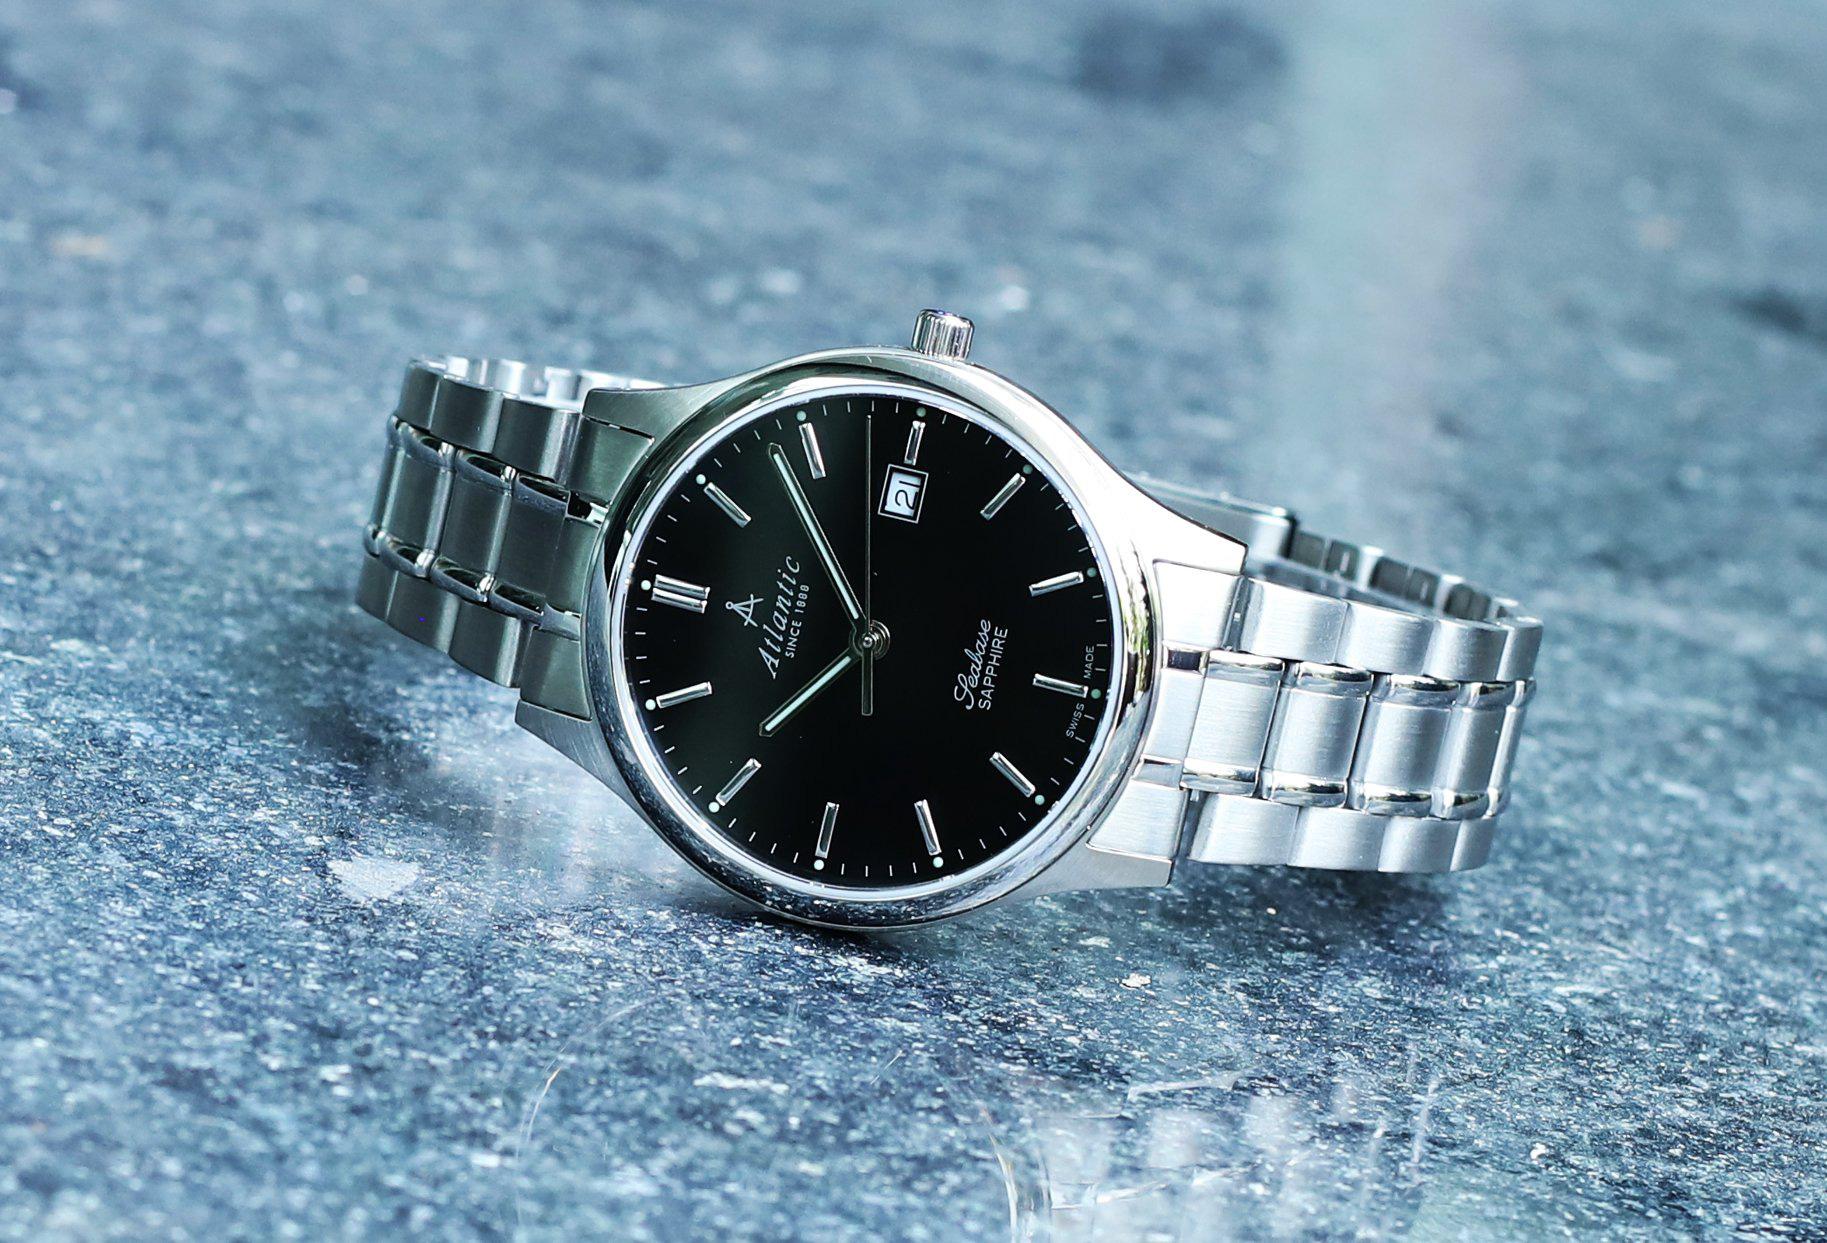 Black Friday 2019: Bão giảm giá đồng hồ, mắt kính chưa từng có tại Đăng Quang Watch - Ảnh 2.